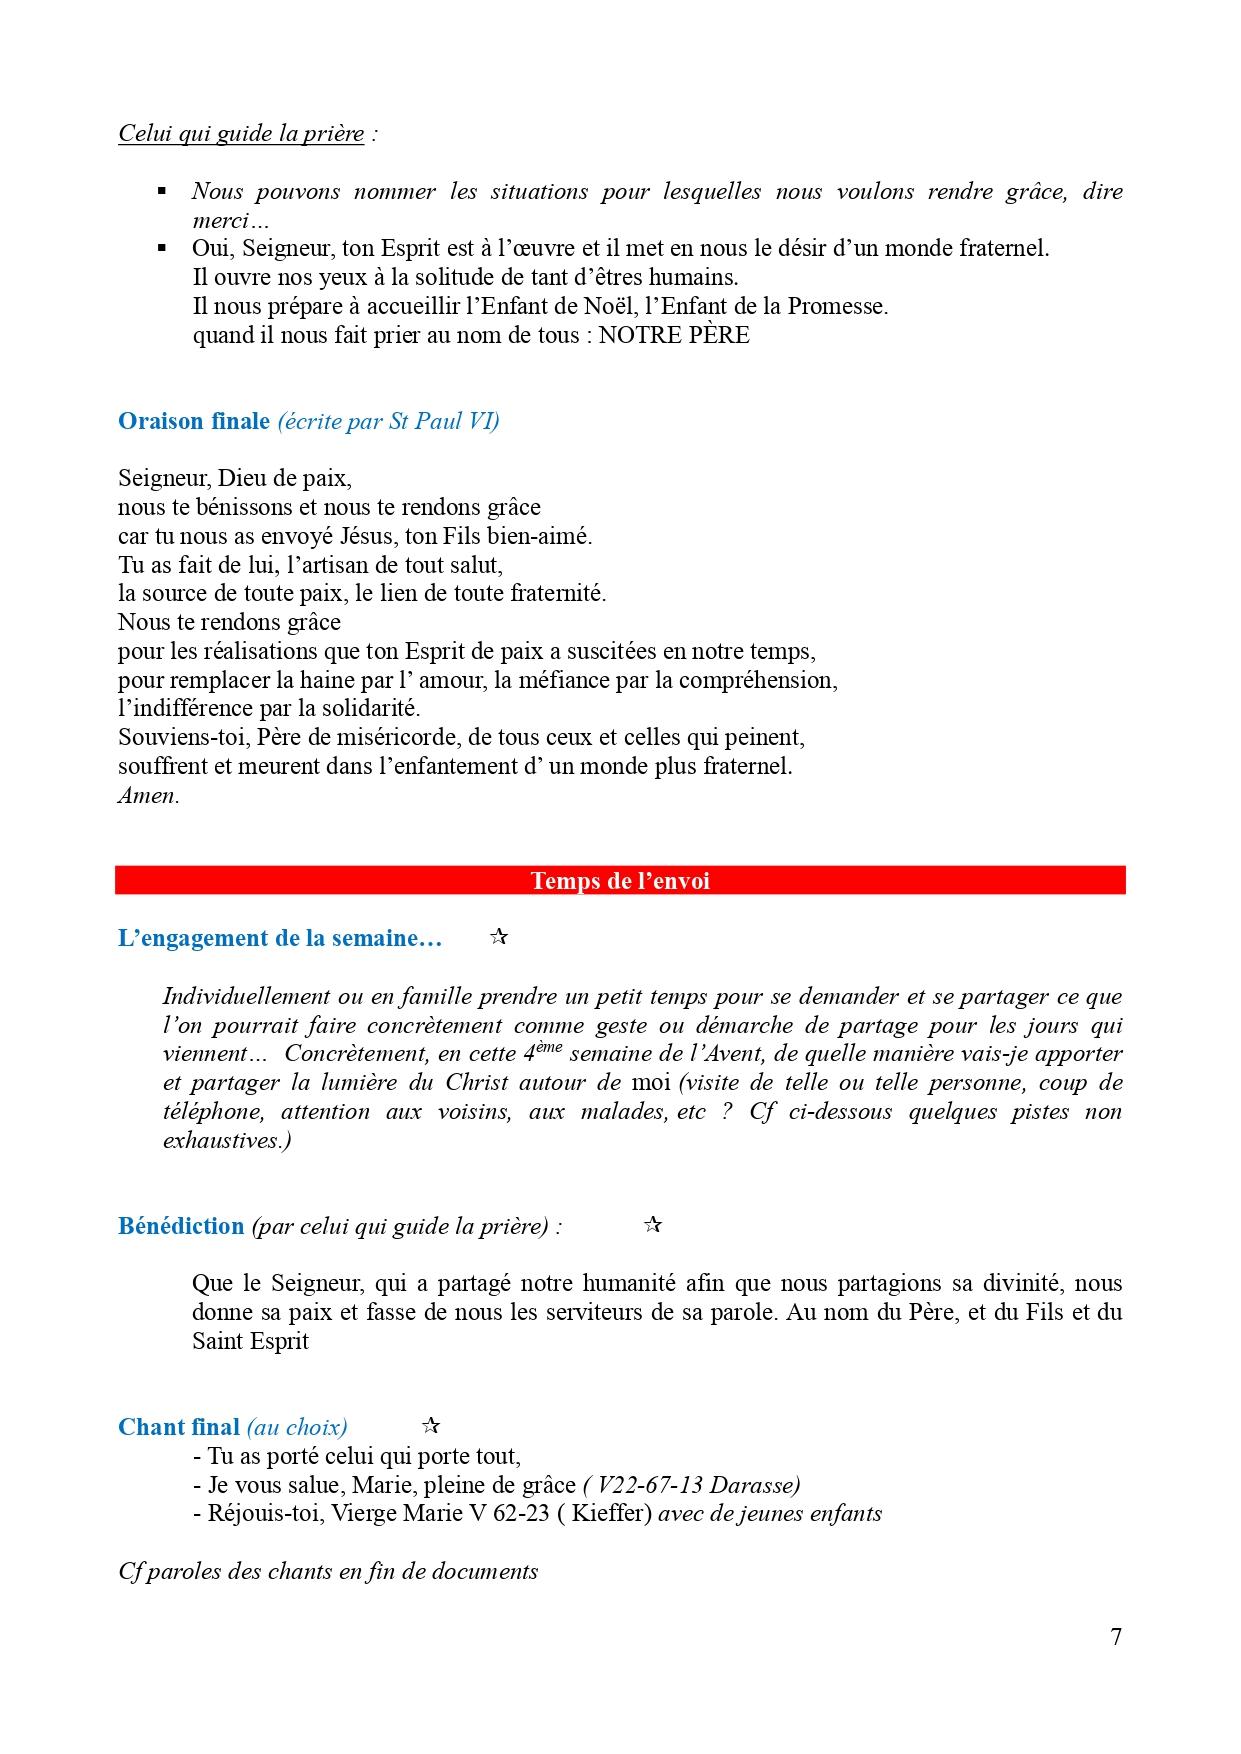 4eme Dimanche de l'Avent_page-0007